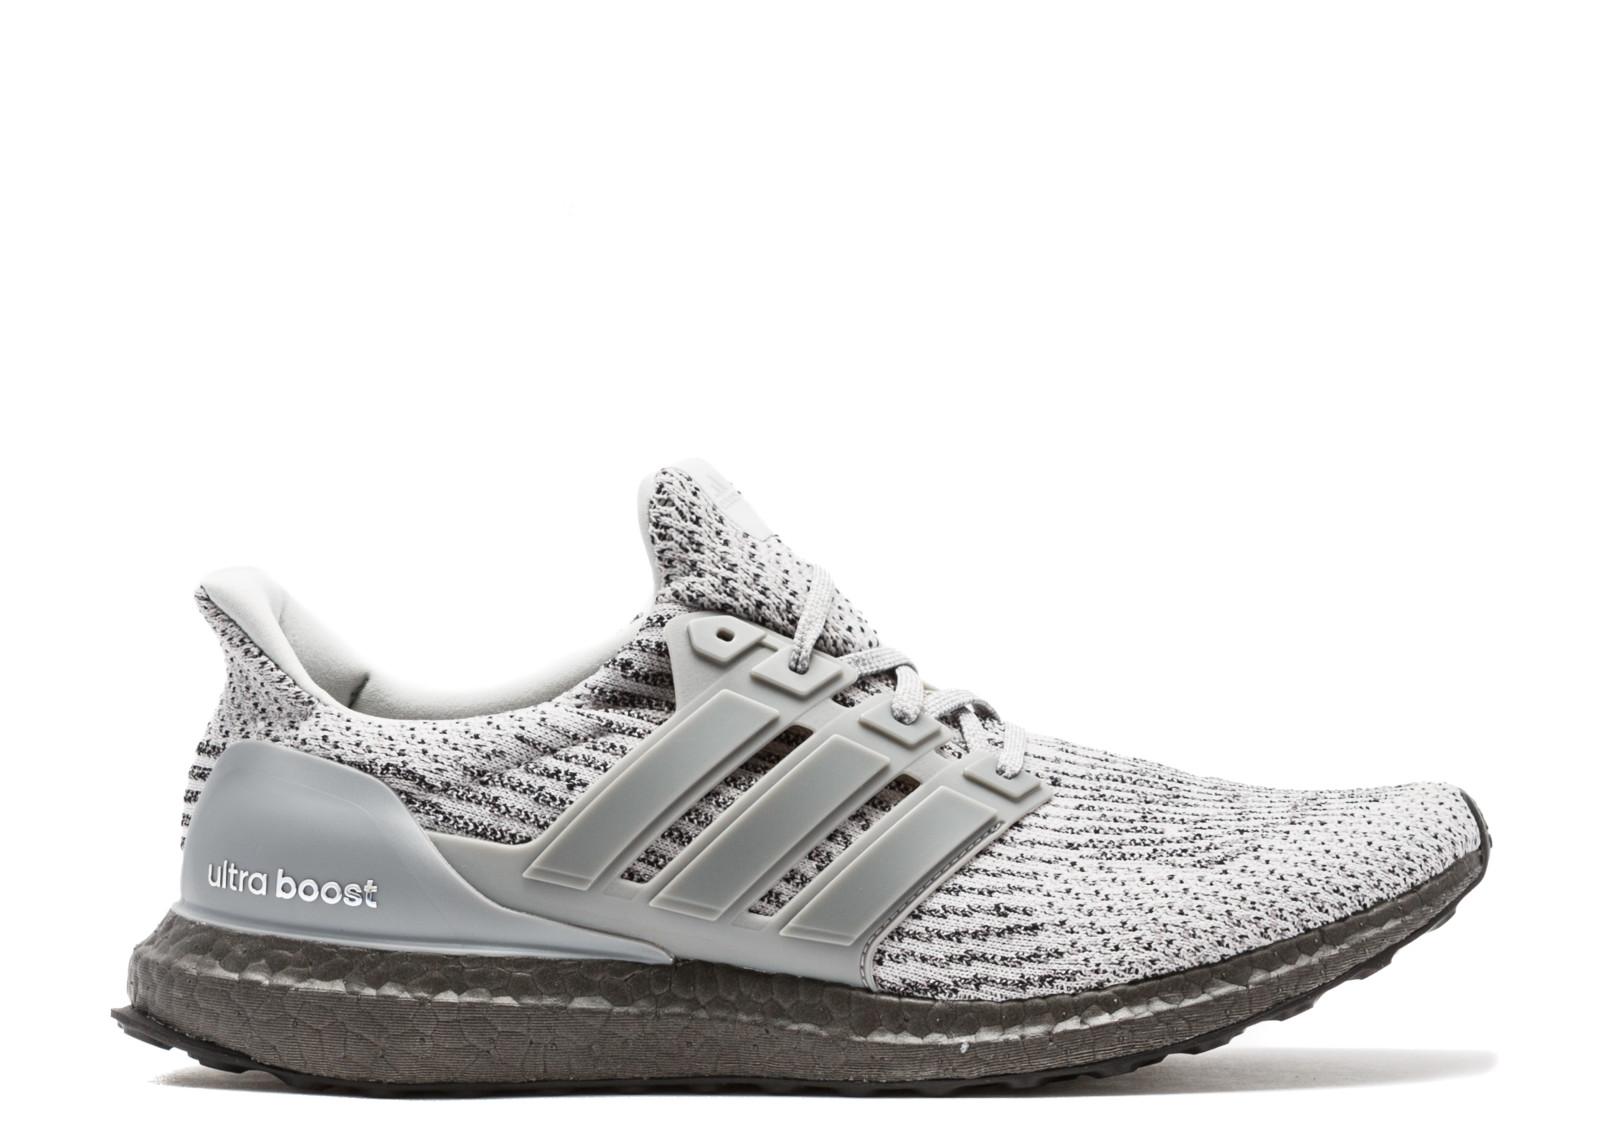 5bad4af6e4427 Adidas ×. Adidas Ultra Boost 3.0 Triple Grey CG3041